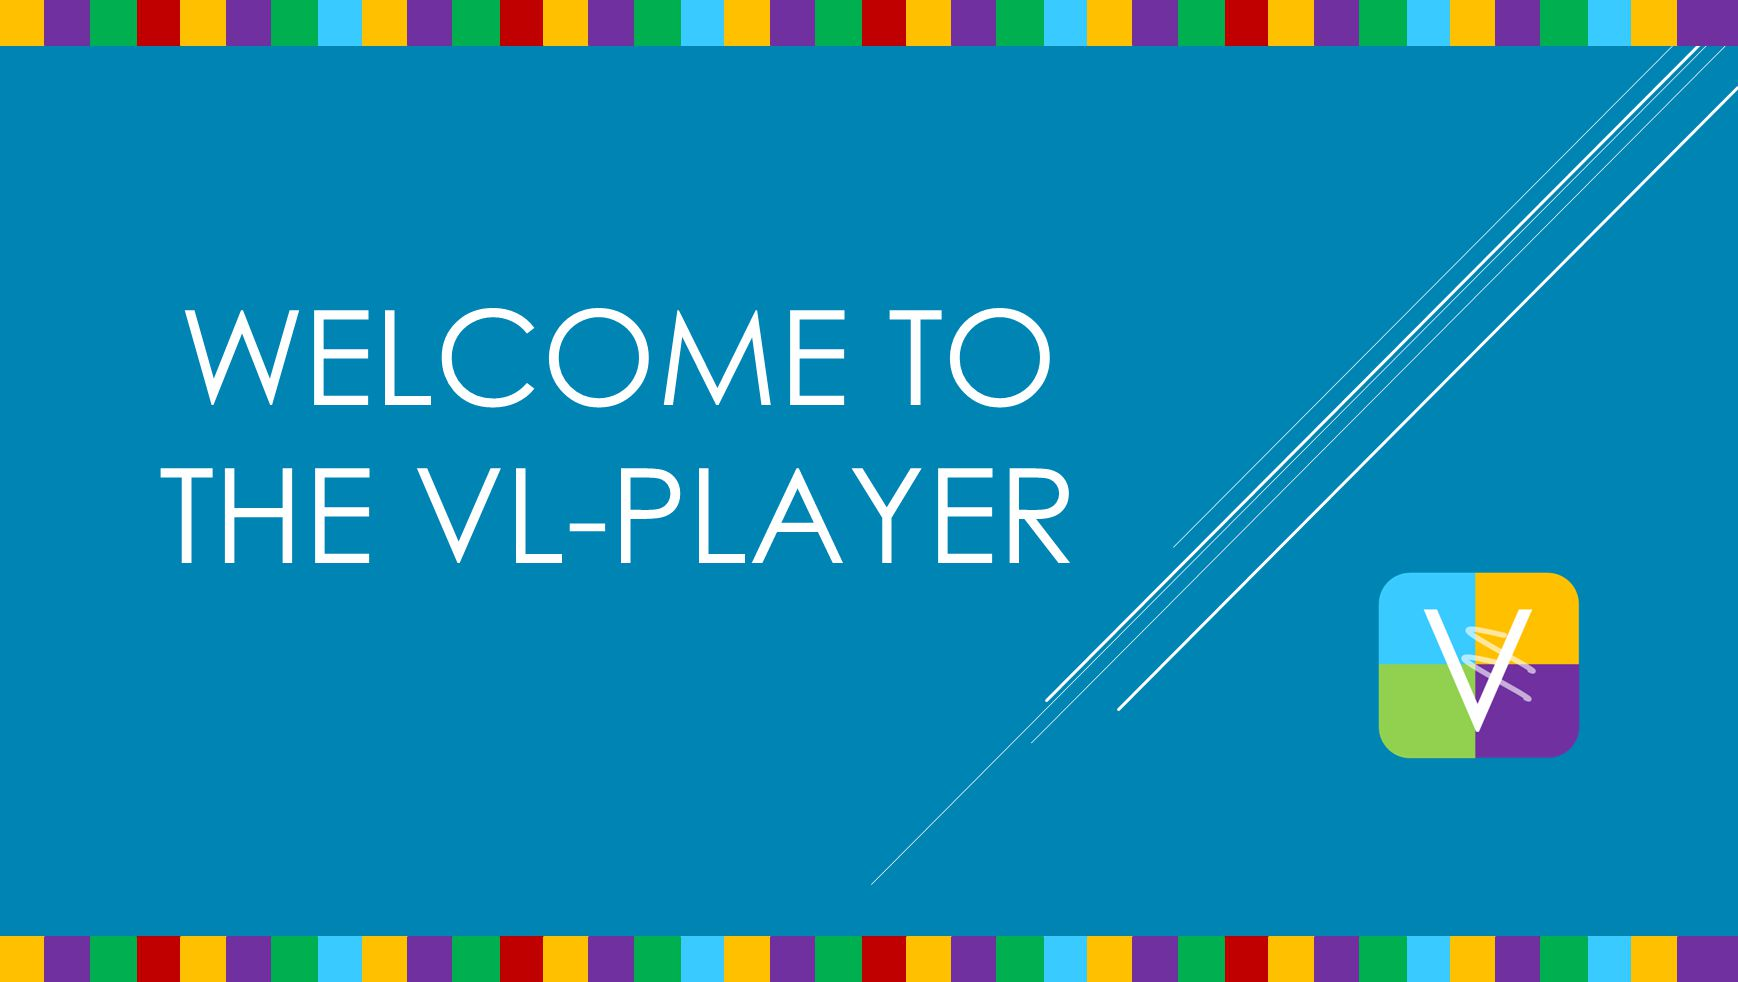 VL-SHOP VL-SHOP İnternet üzerinden VL-Player'e uyumlu oyunlar indirmeyi sağlar.